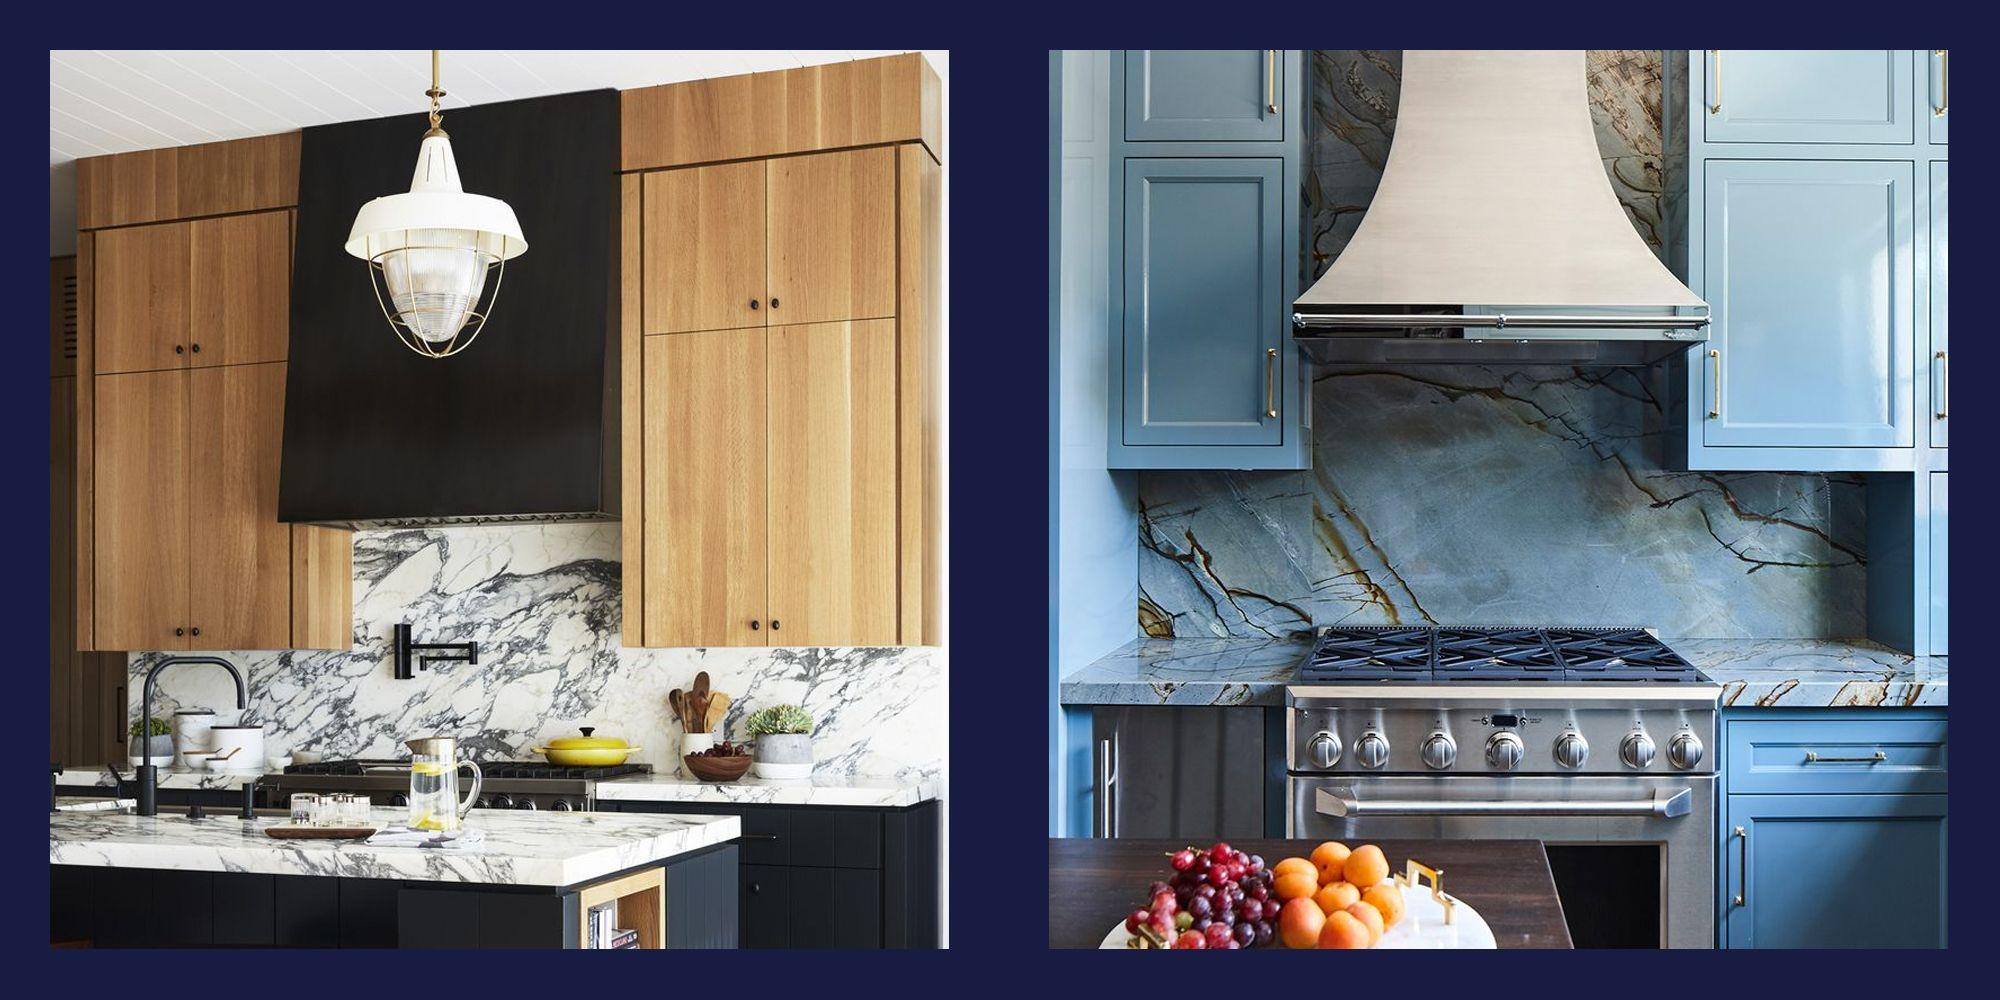 17 Top Kitchen Trends 2020 - What Kitchen Design Styles Are In on Kitchen Modern Design 2020  id=27508